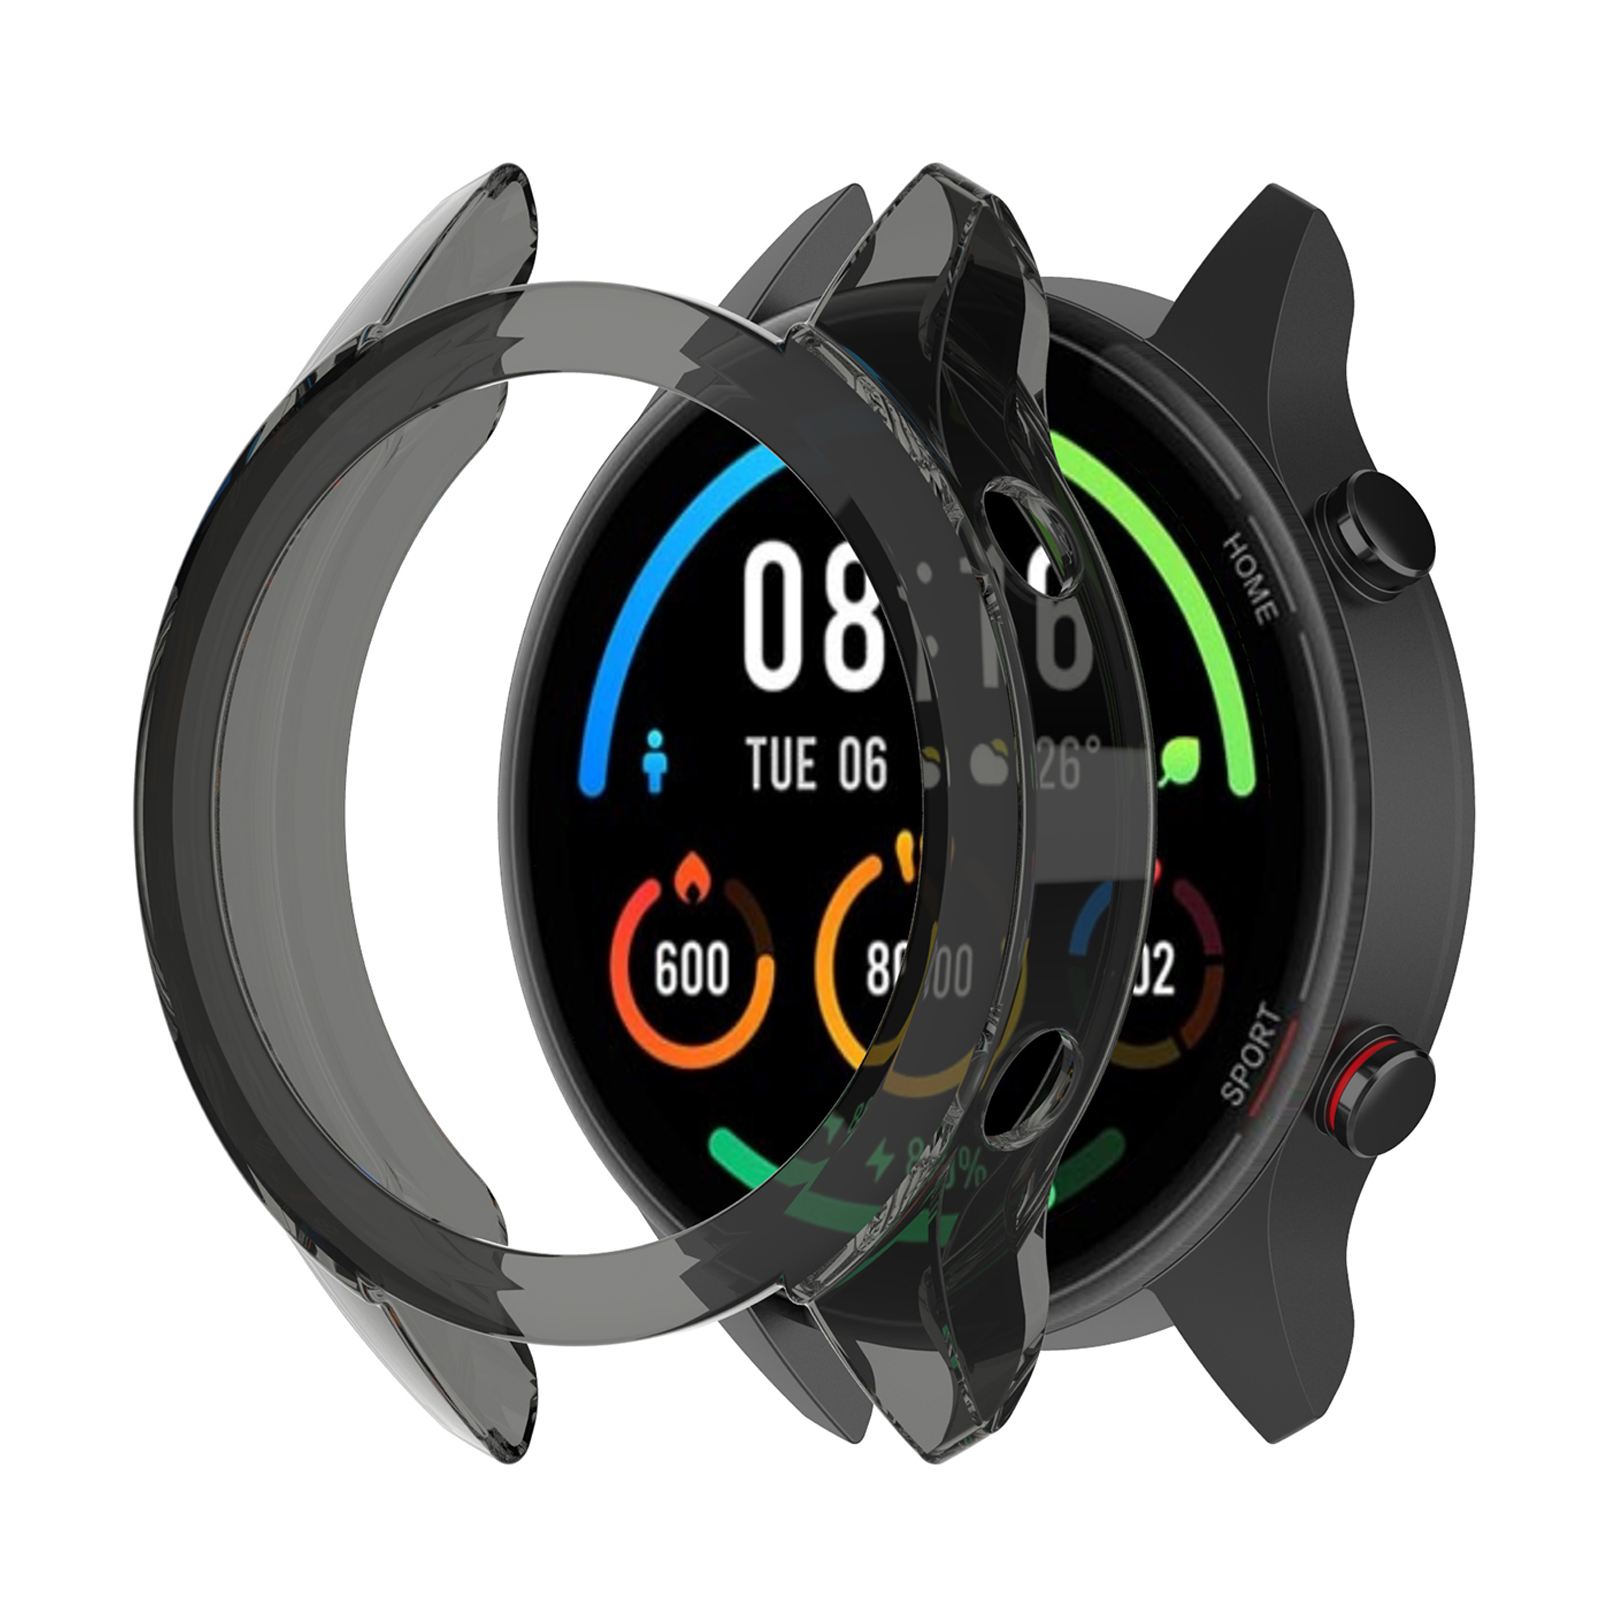 Rondaful защитный чехол для цветных часов Xiaomi, высококачественный чехол из ТПУ, тонкий бампер для умных часов Xiaomi Mi Color Watch